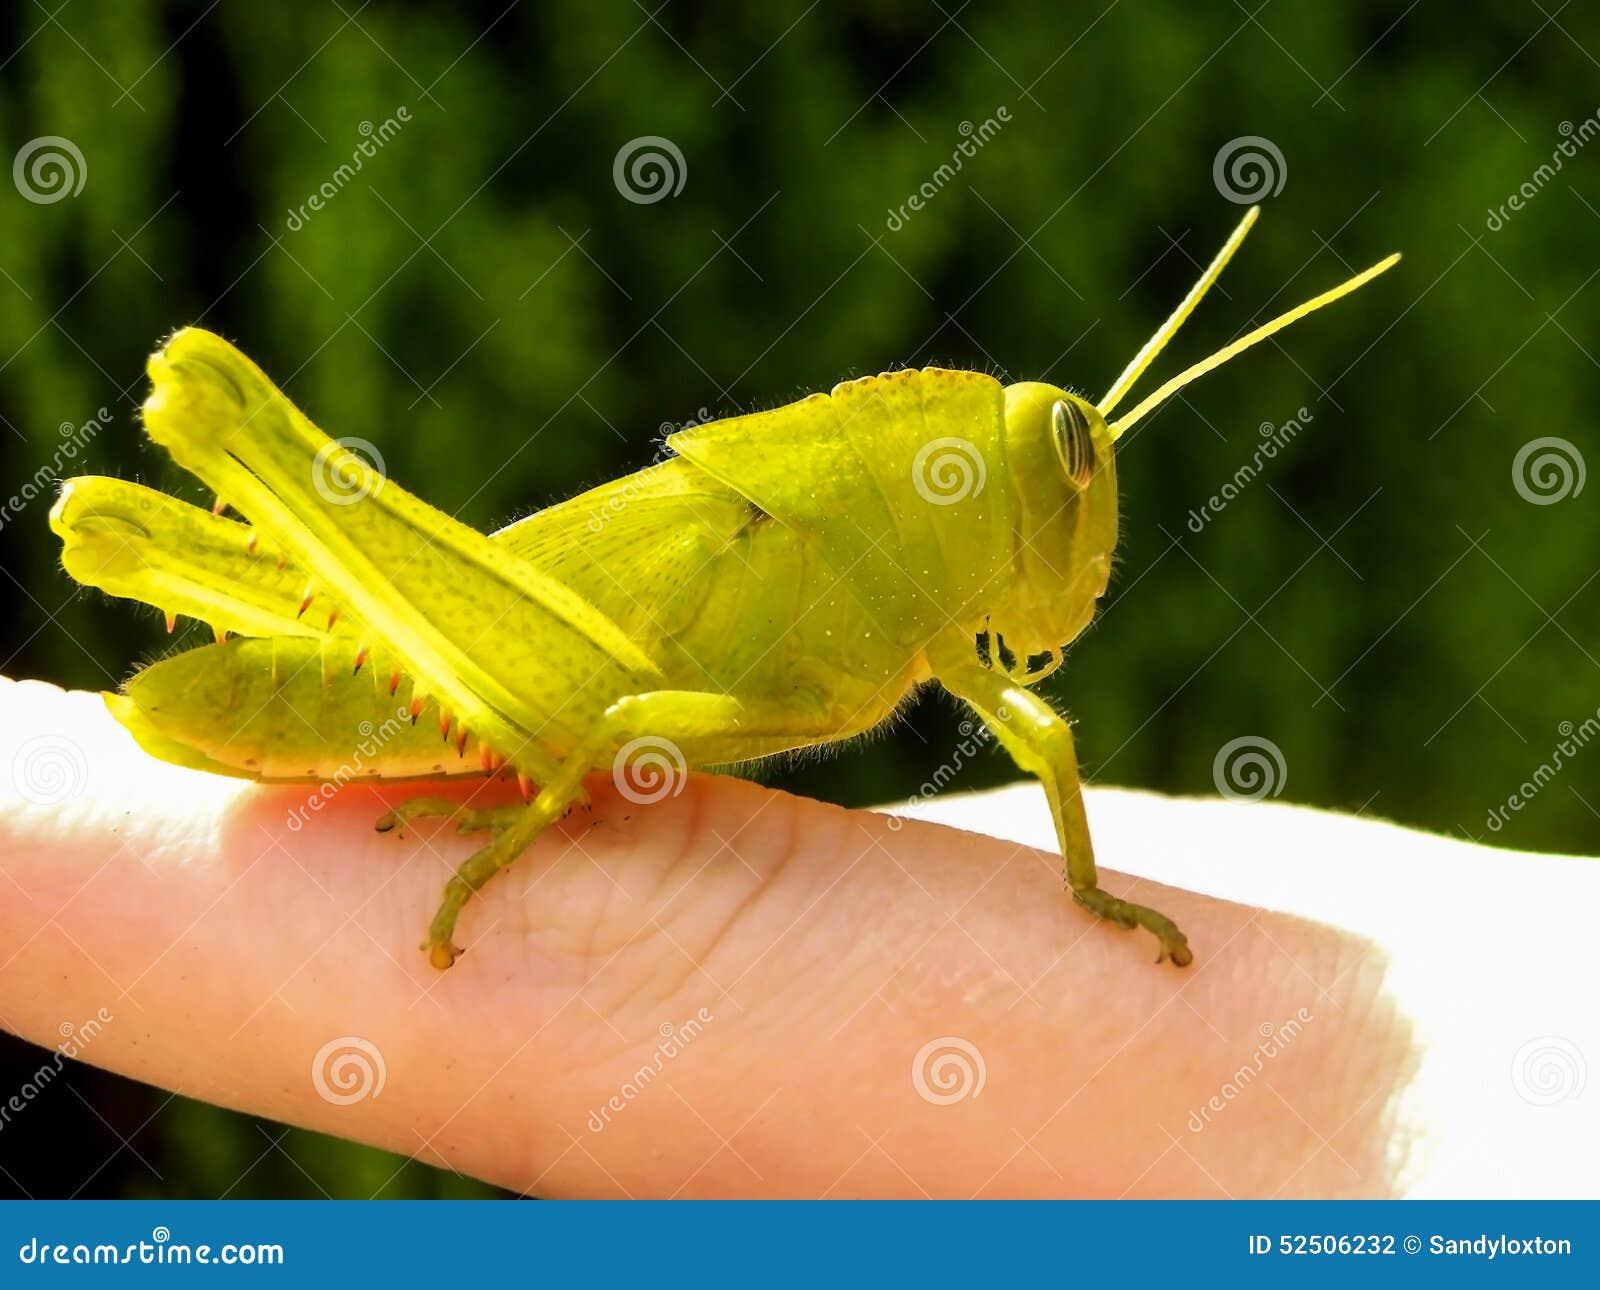 Grasshopper deals